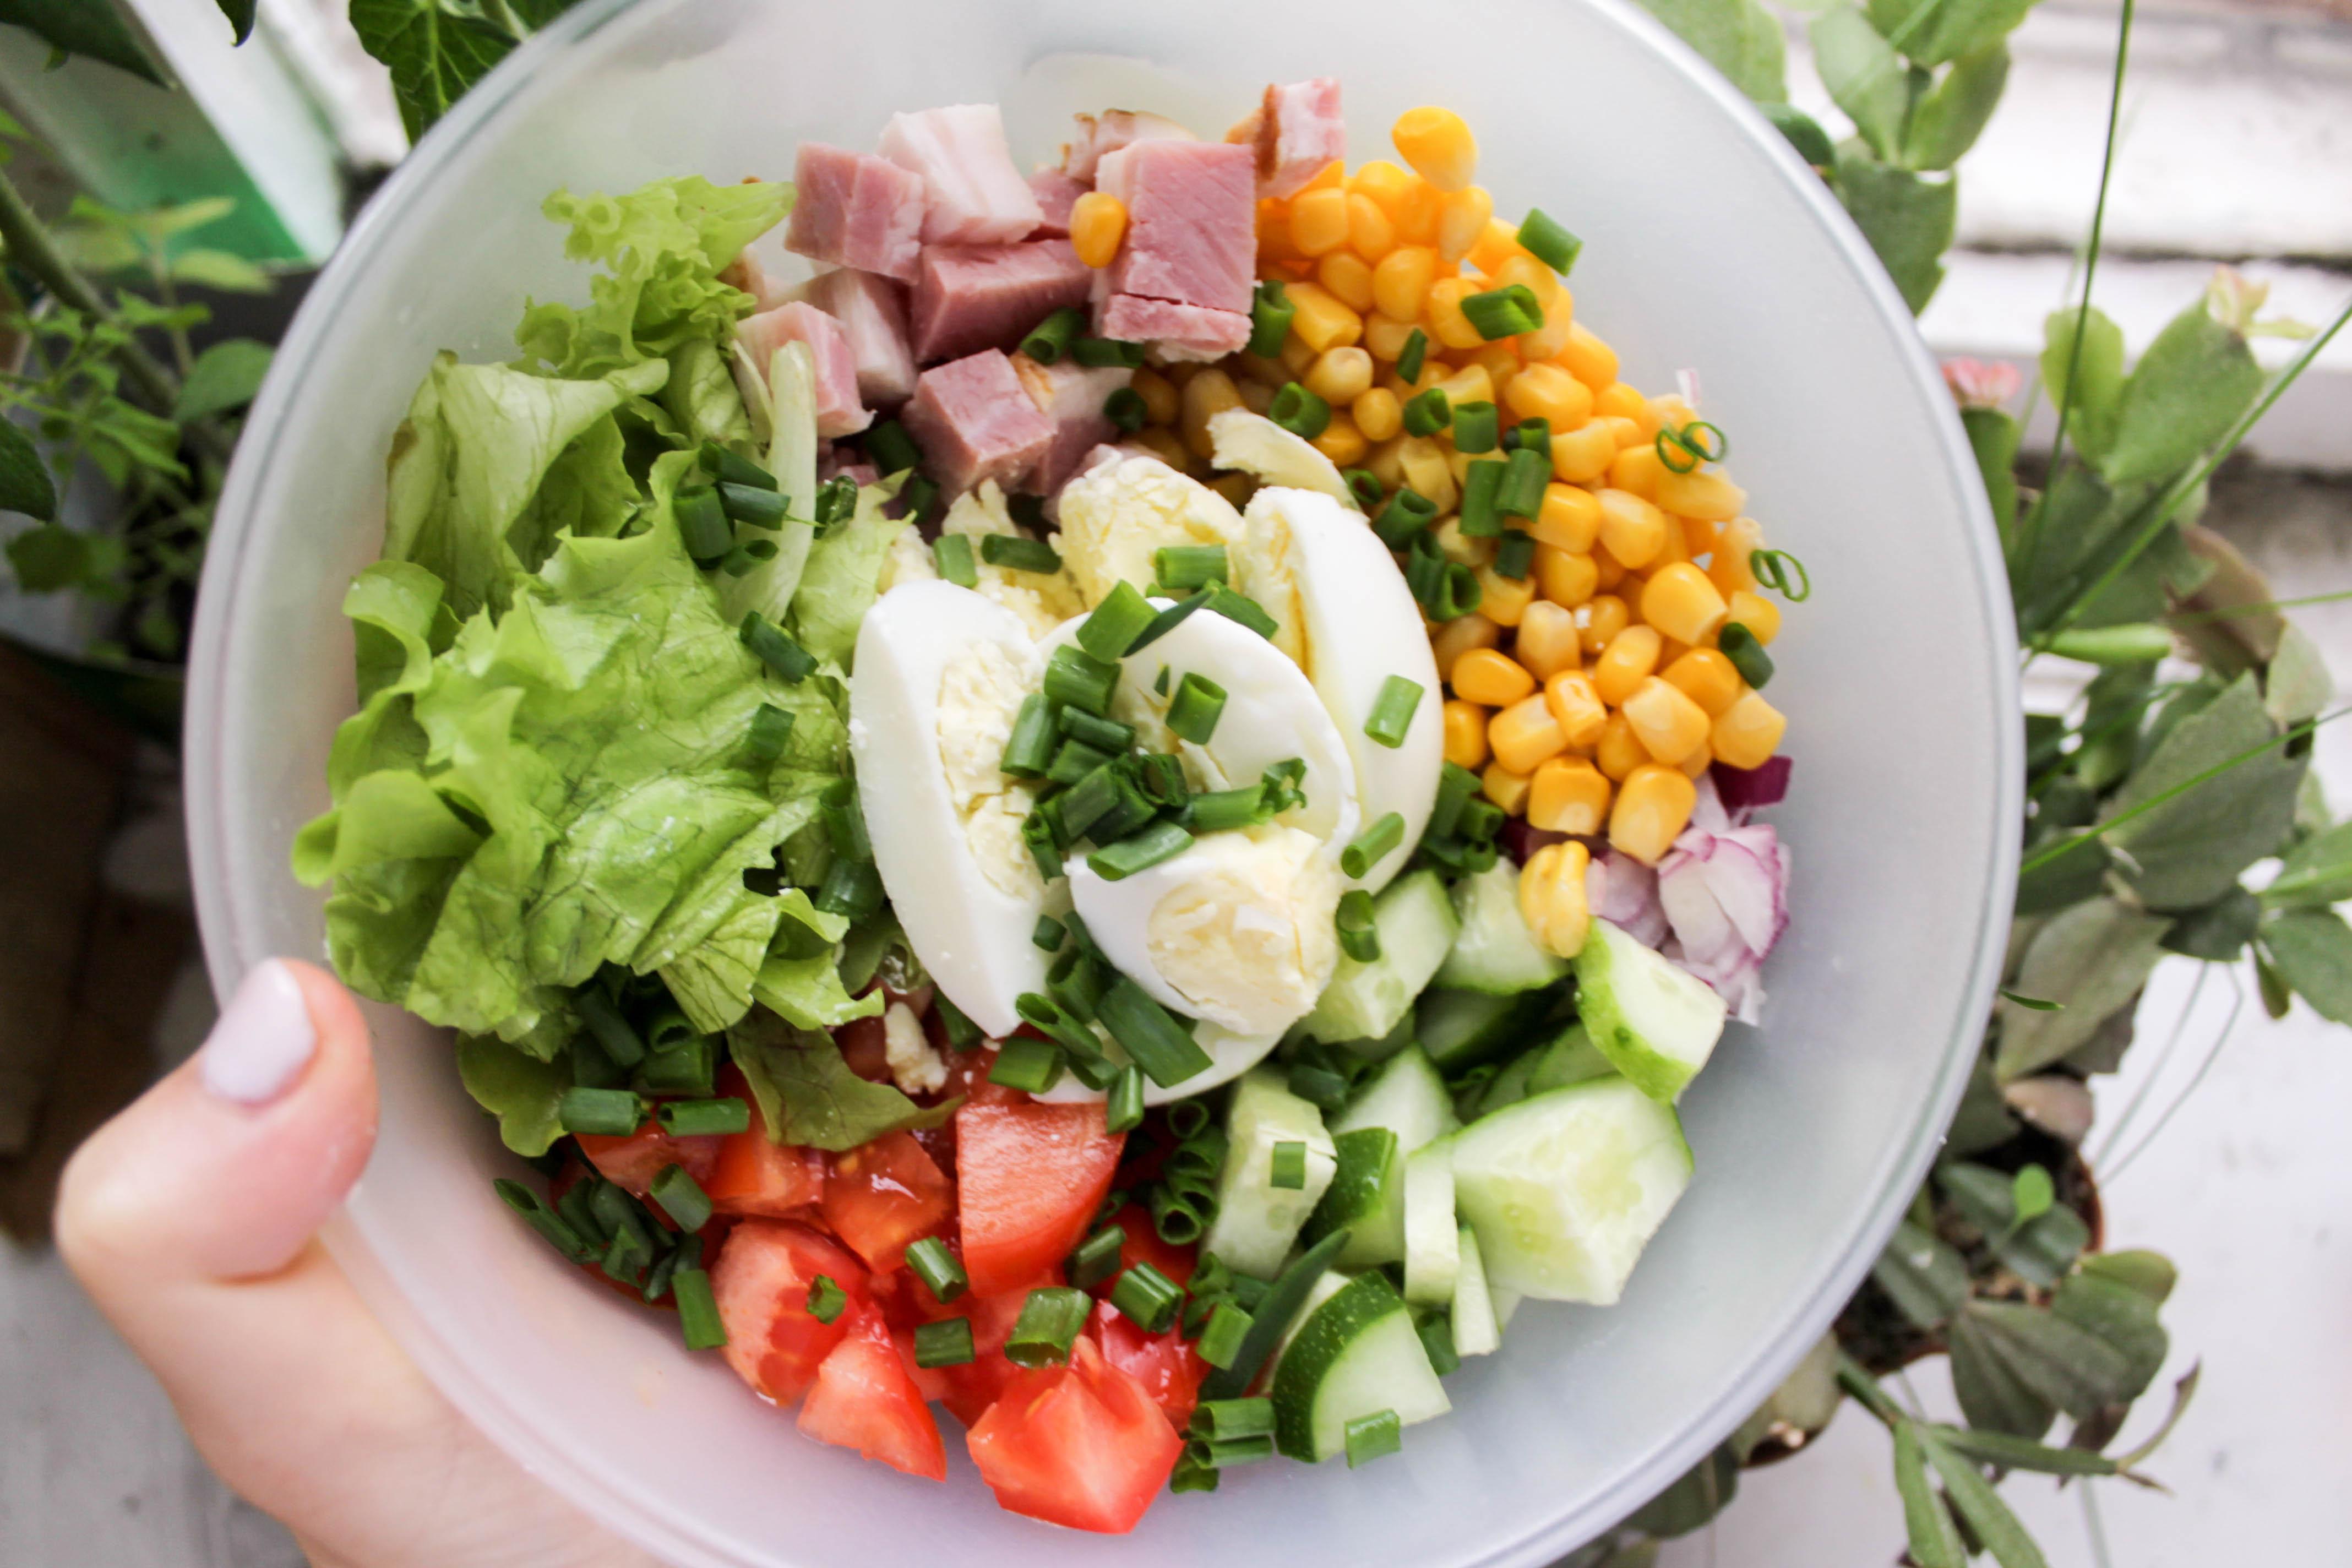 Летние блюда и блендеры что можно приготовить с разными насадками - свежий салат